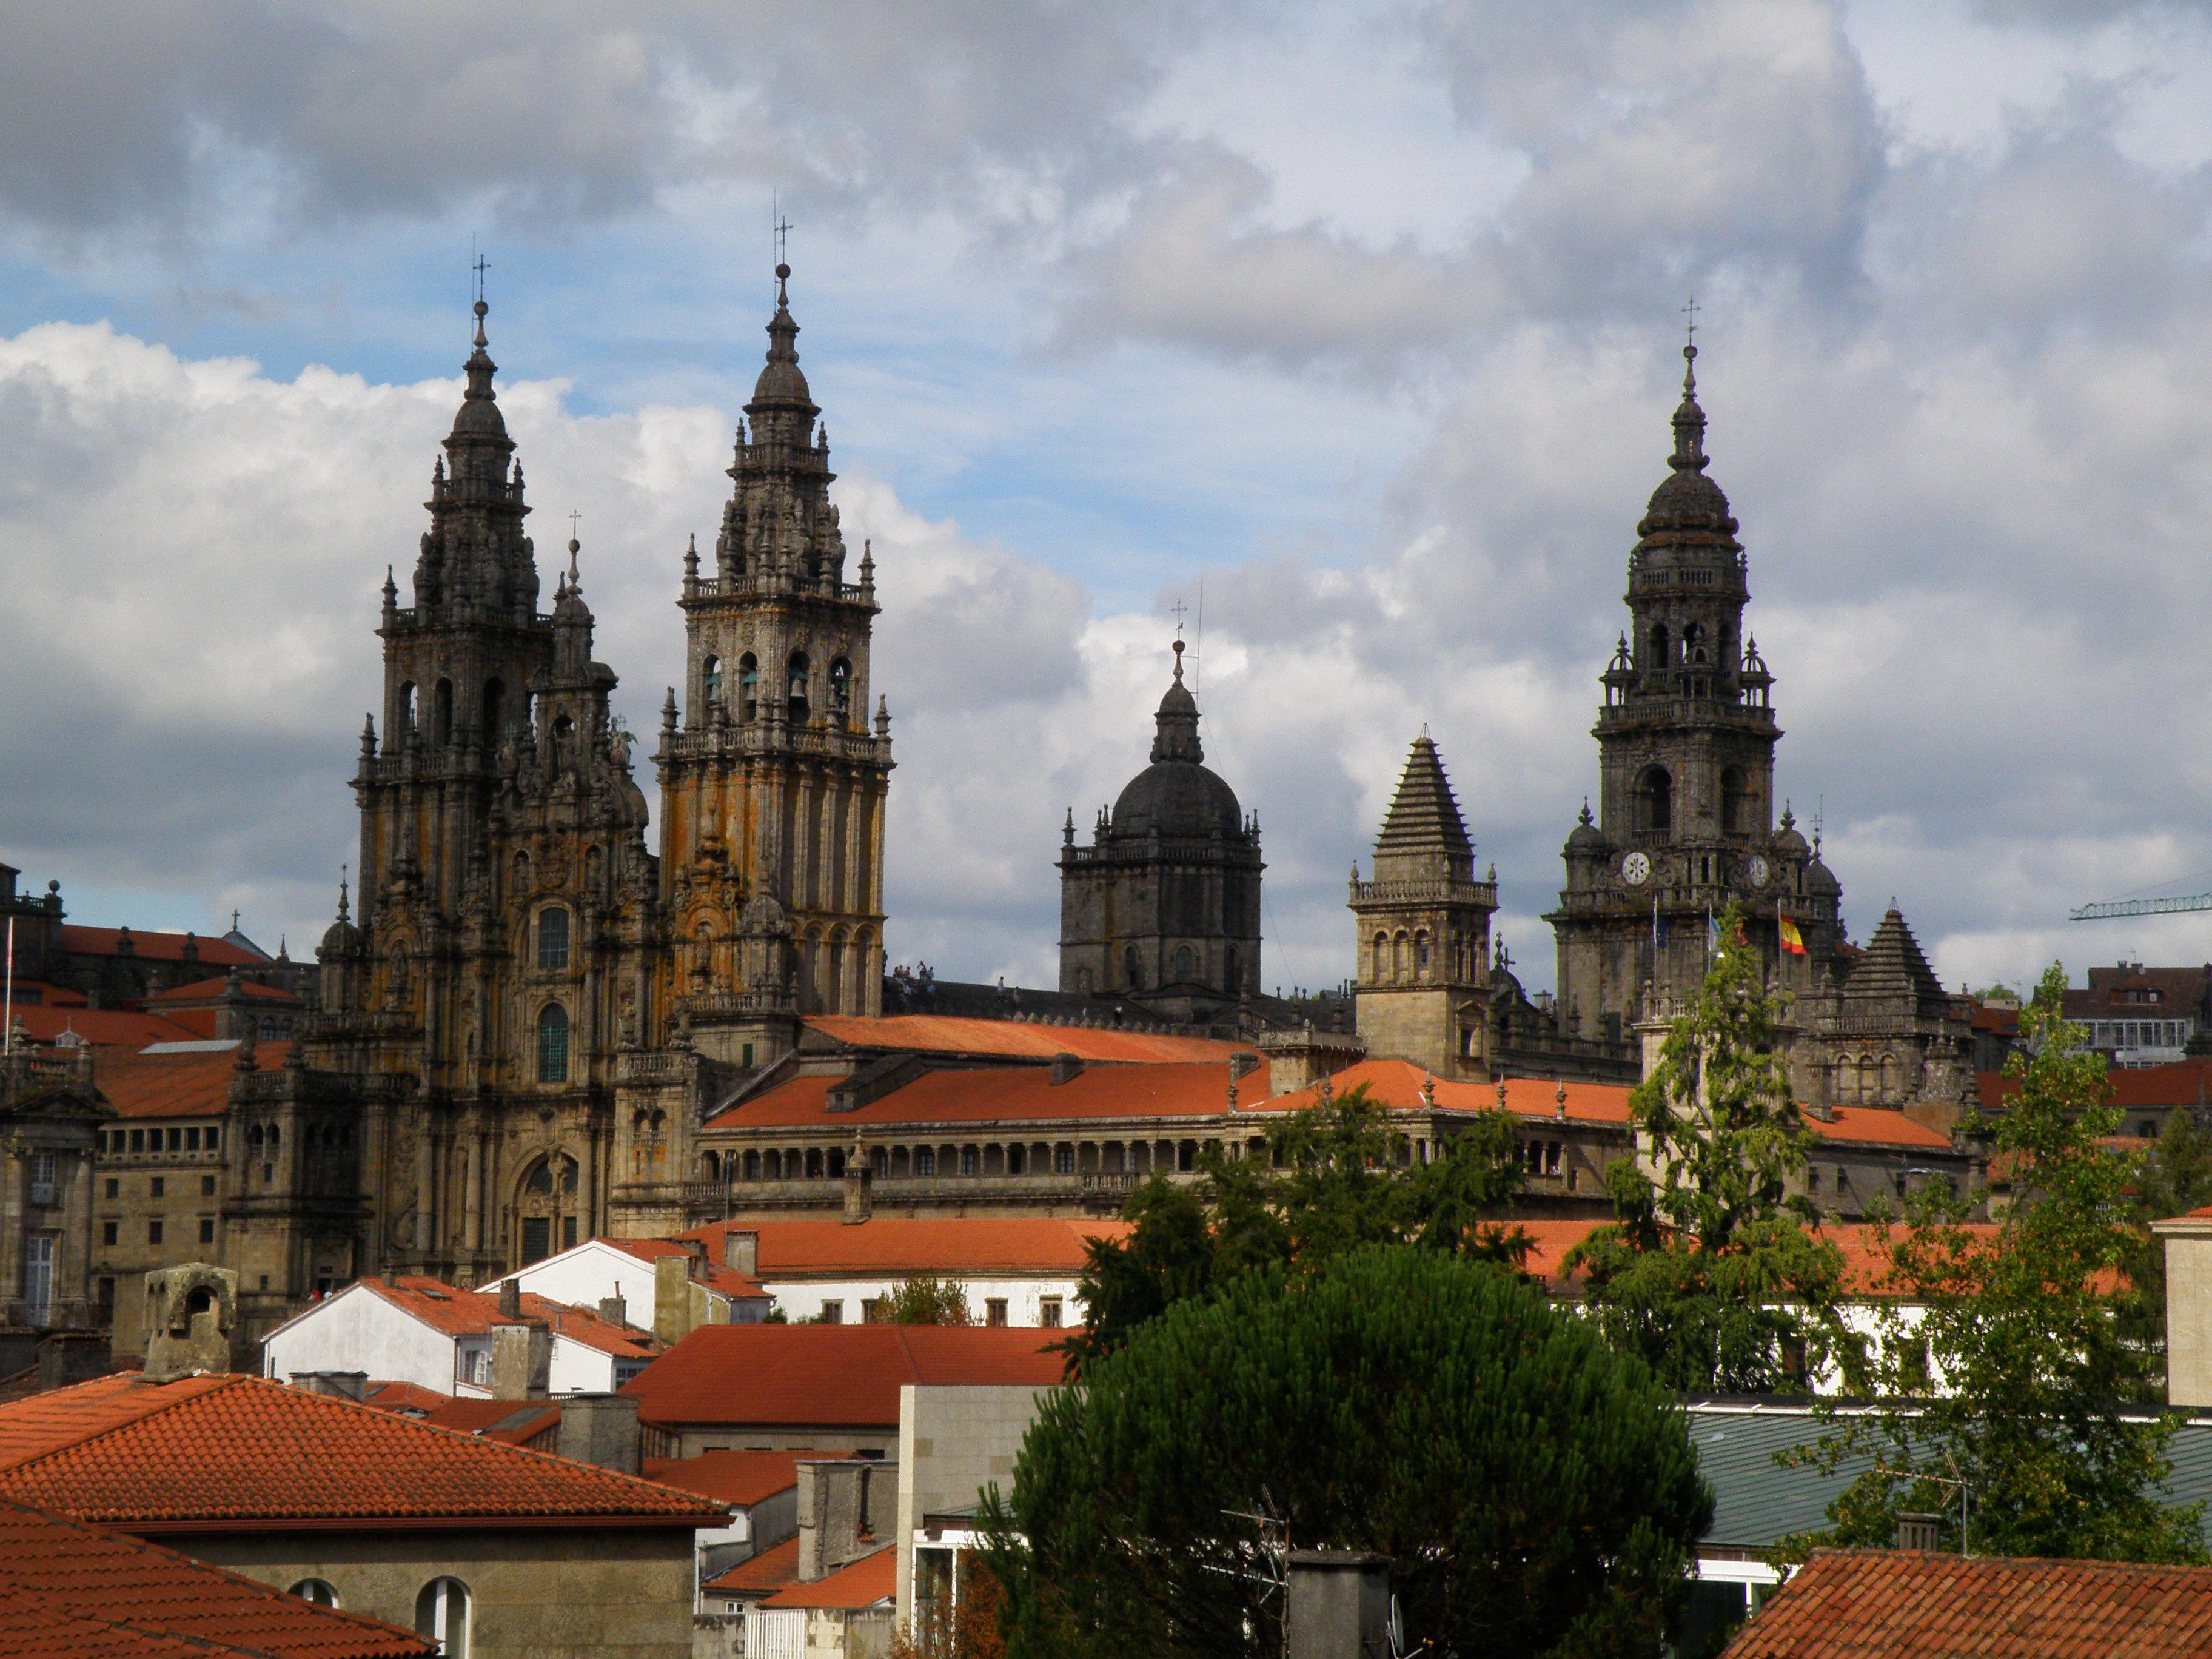 Gal cia um brasileiro na espanha - Arrokabe arquitectos santiago de compostela ...